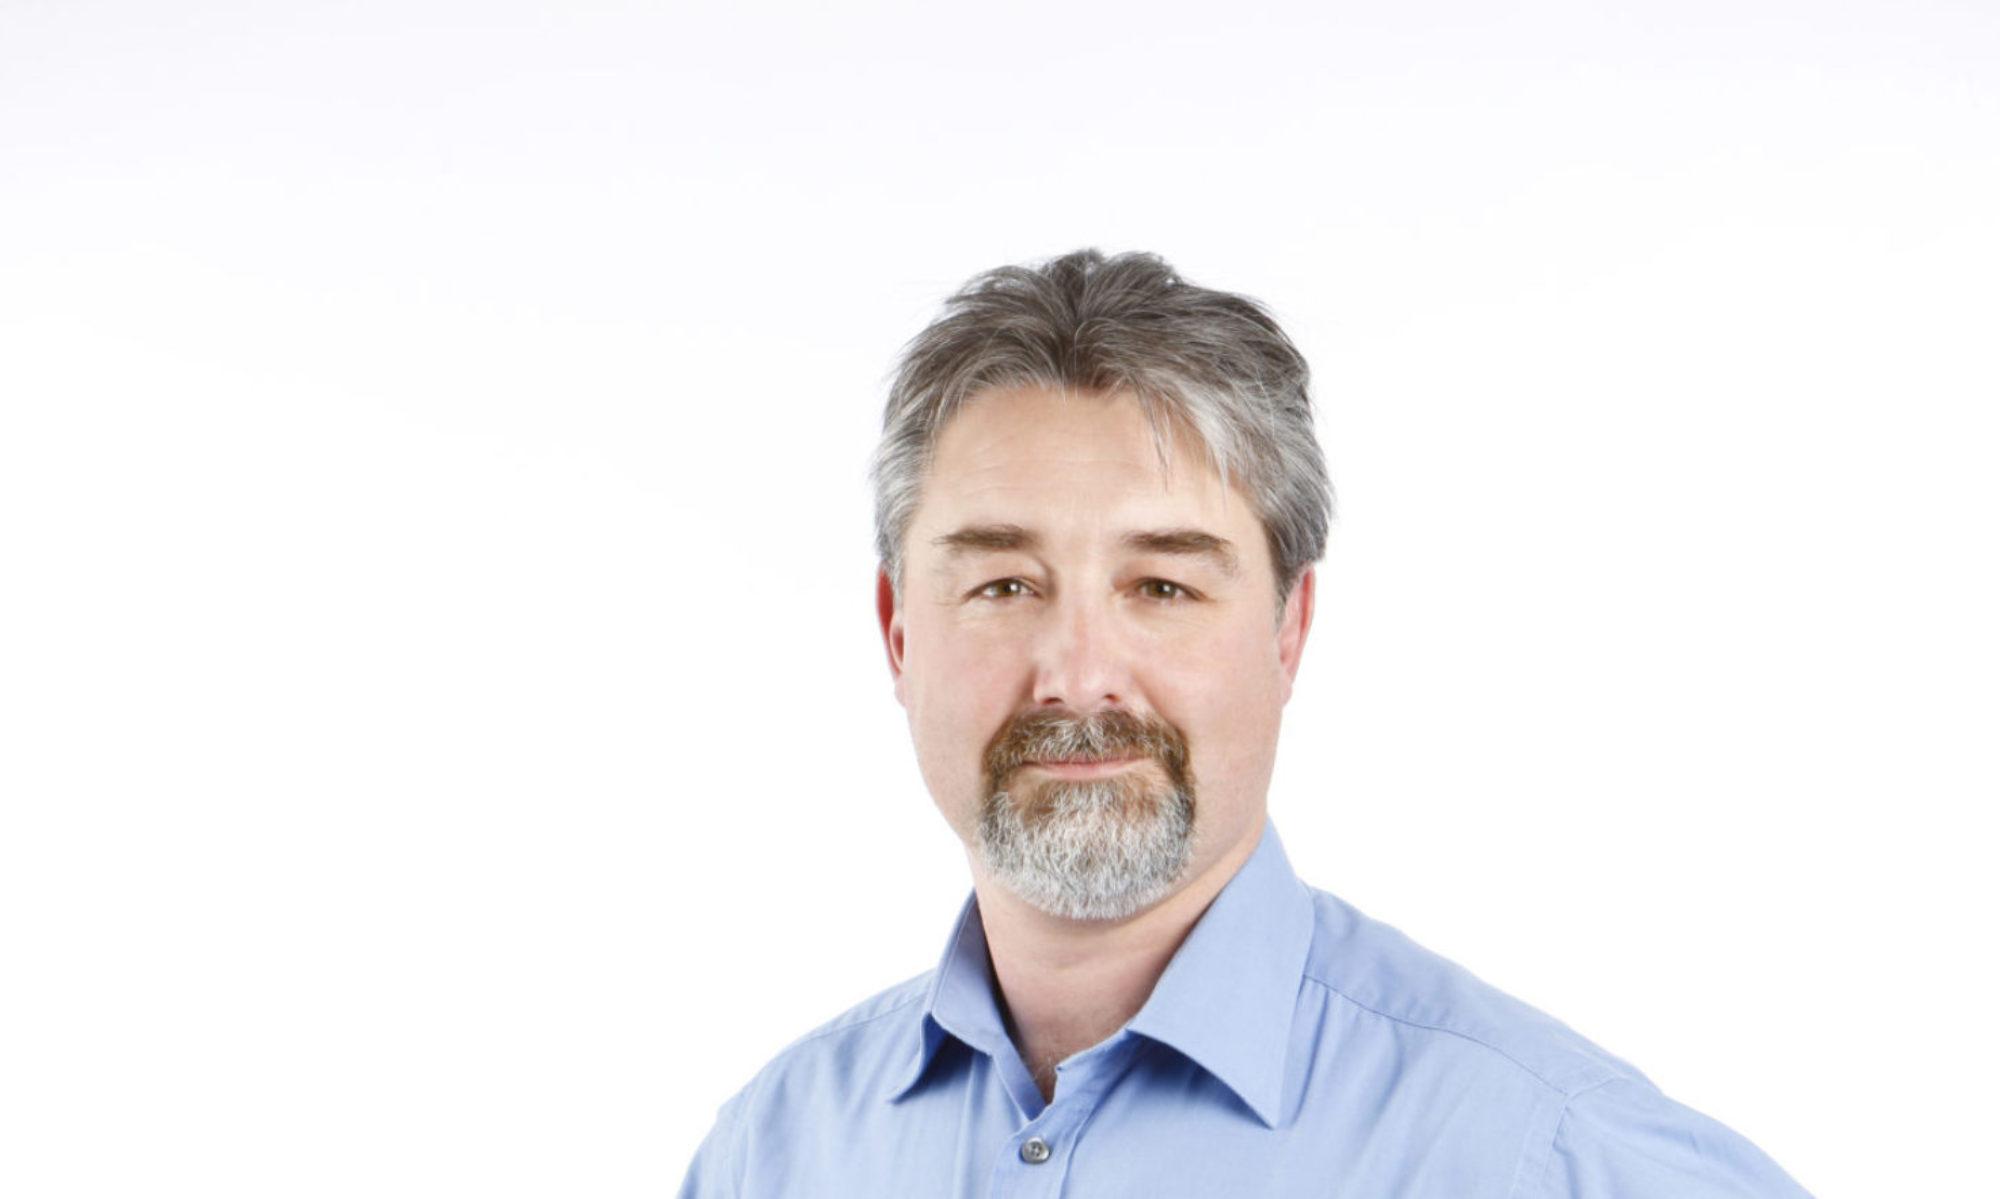 Michael A. Defranceschi